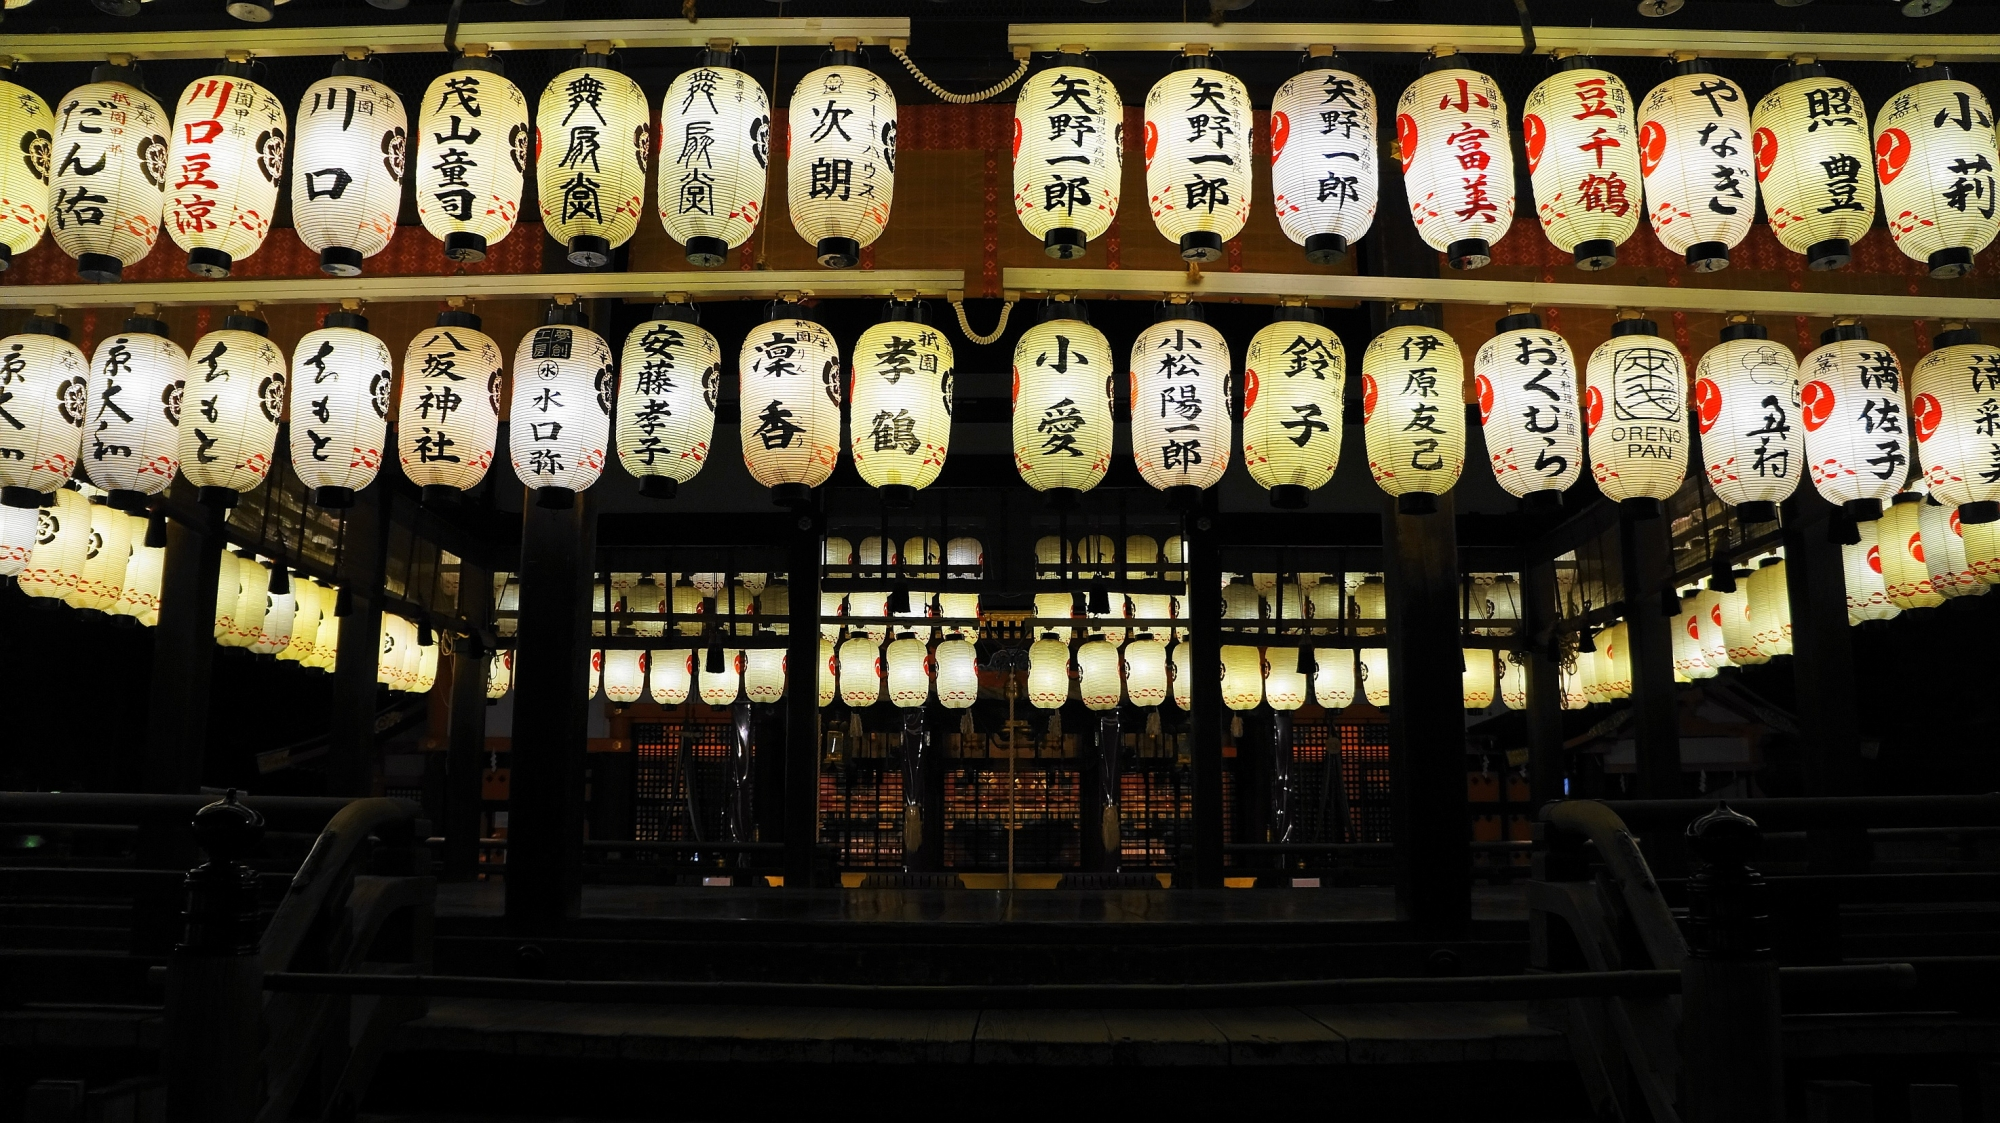 八坂神社 舞殿 ライトアップ 東山花灯路 風物詩